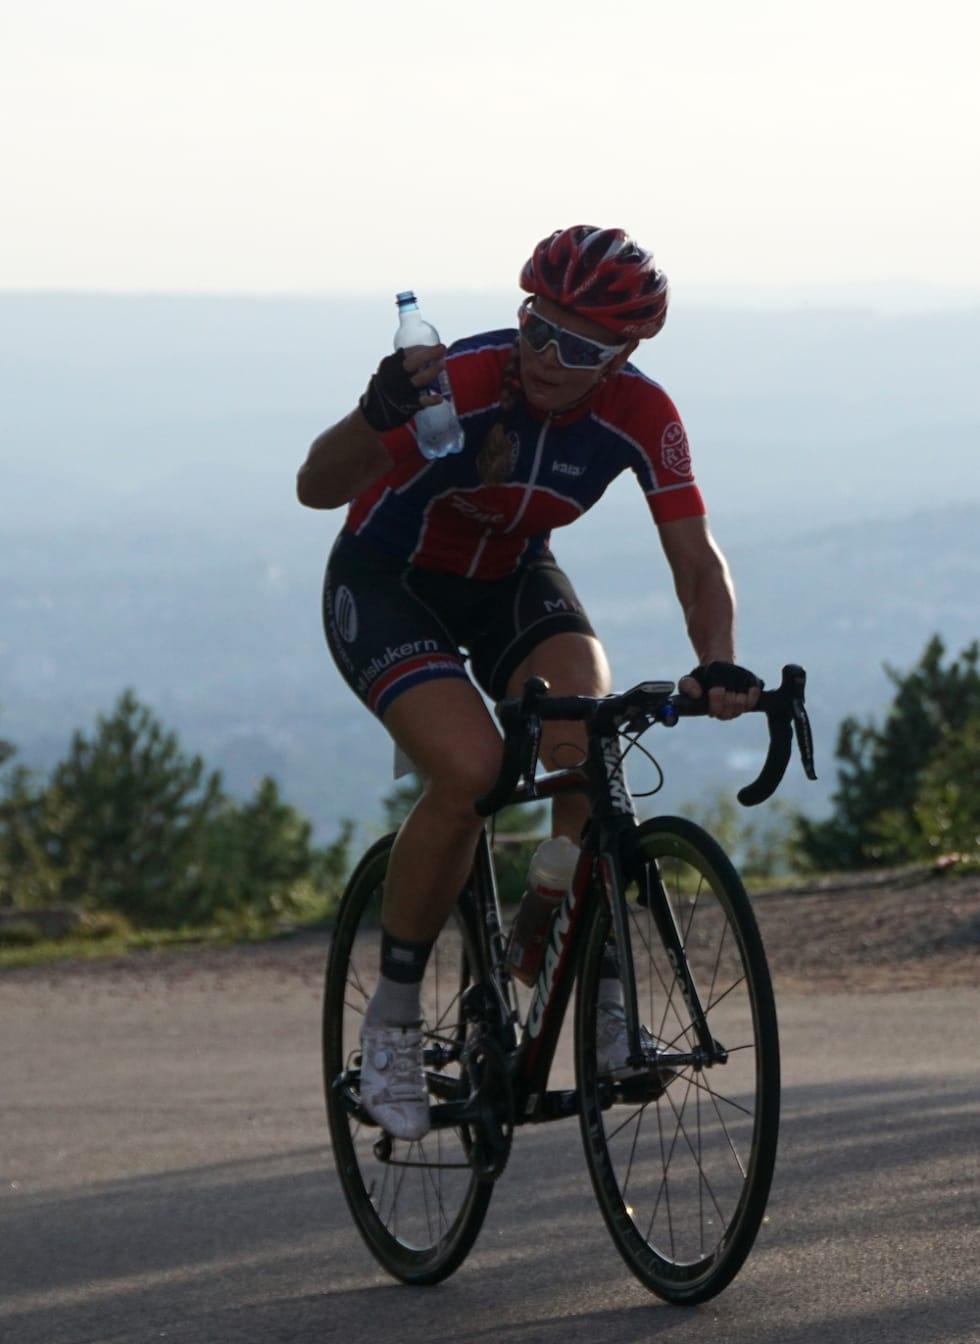 TØRST: Elisabeth Solberg var ikke av sykkelen underveis. Mat og drikke fikk hun i seg på sykkelen. Foto: Bjørn Saksberg